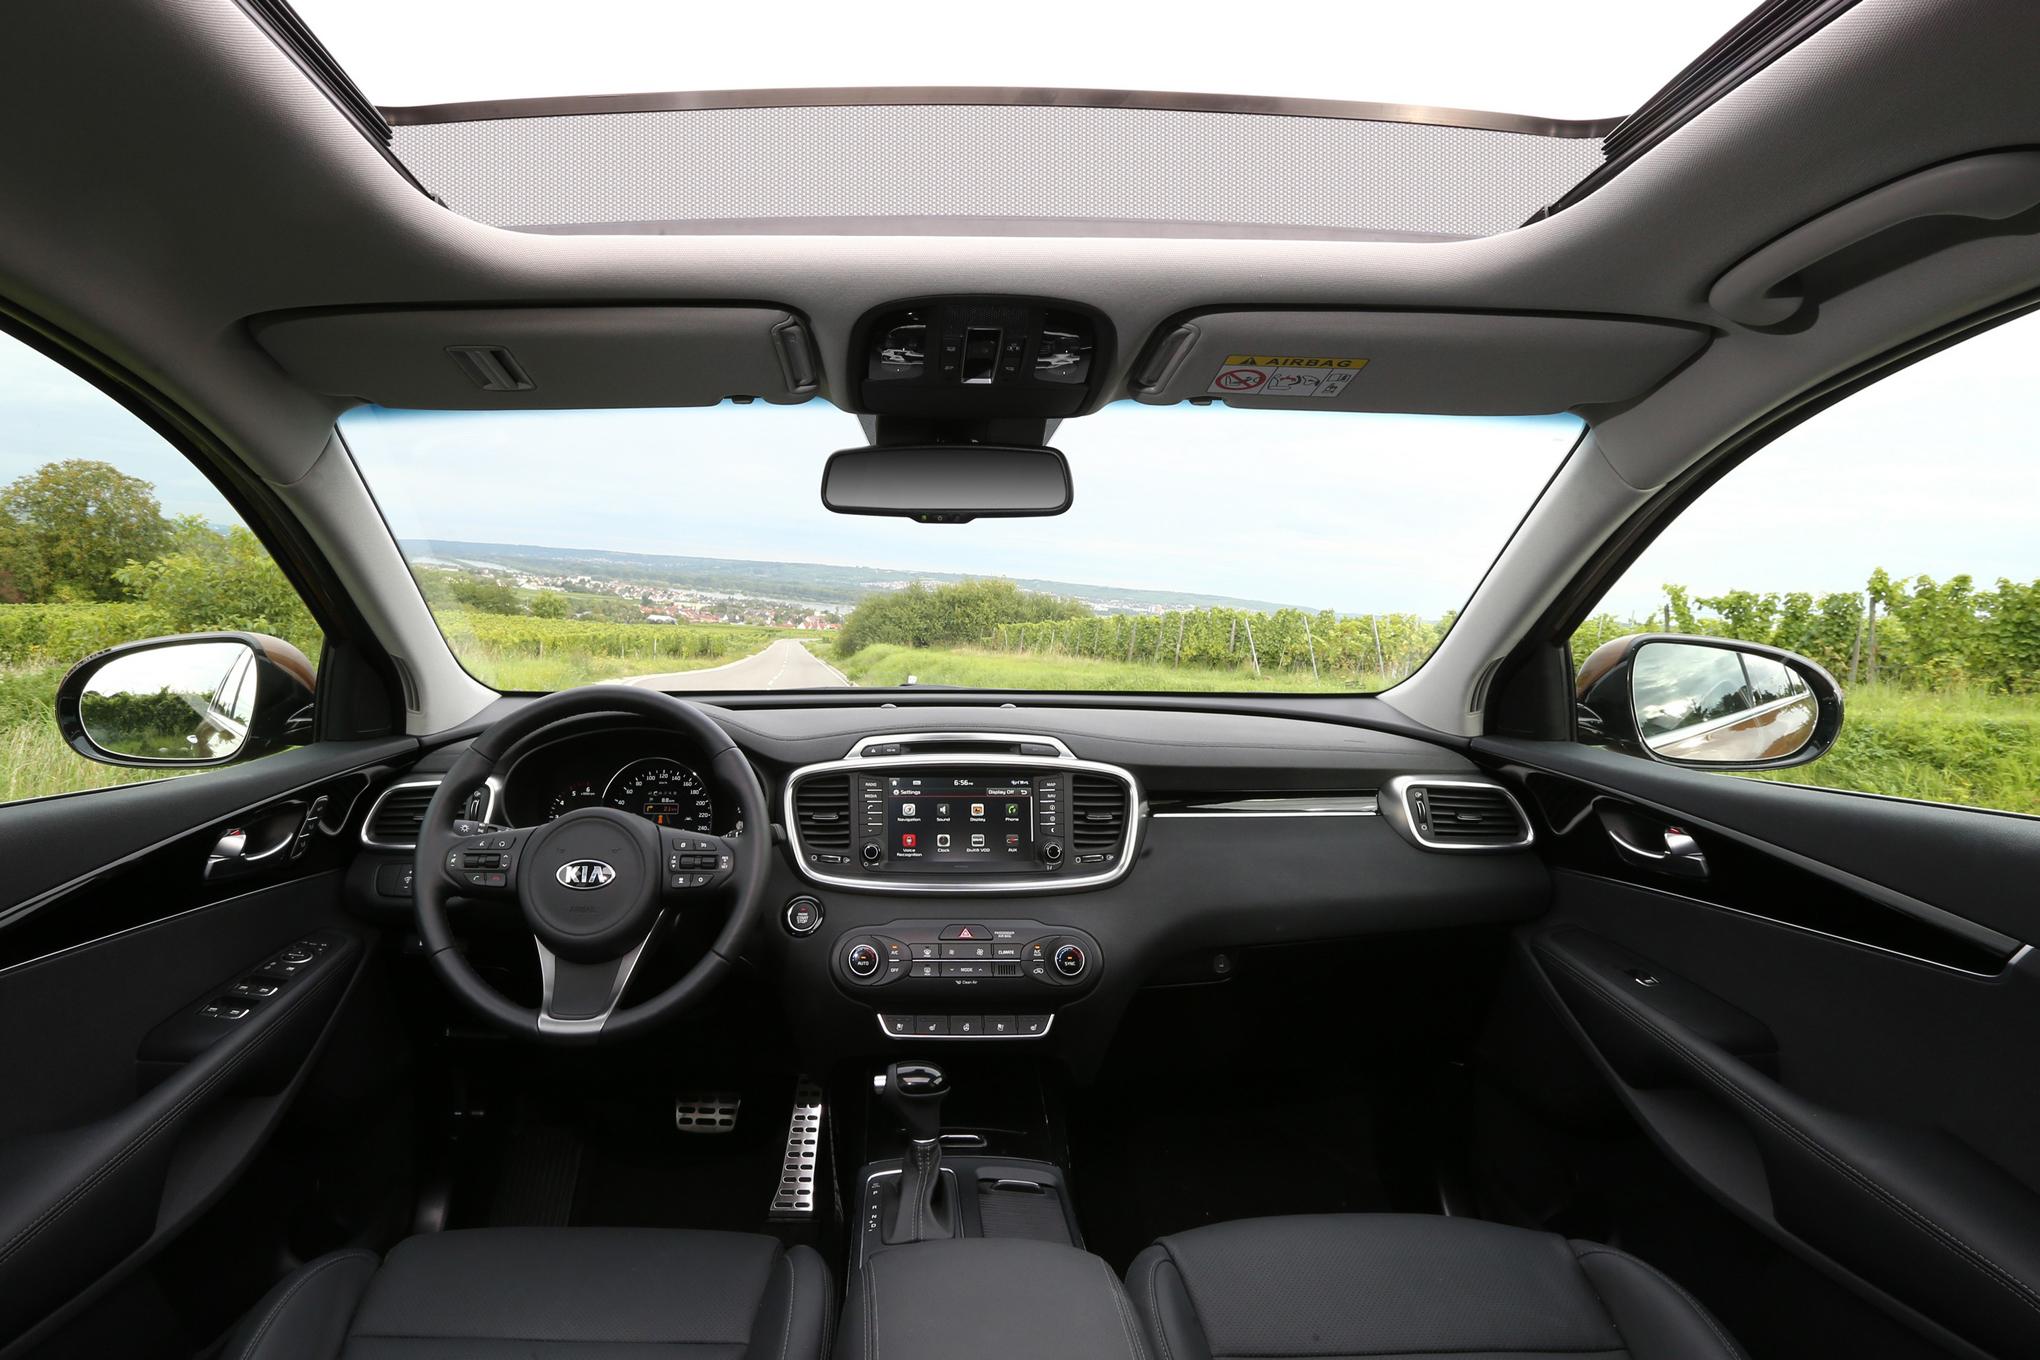 2016 Kia Sorento Interior Profile